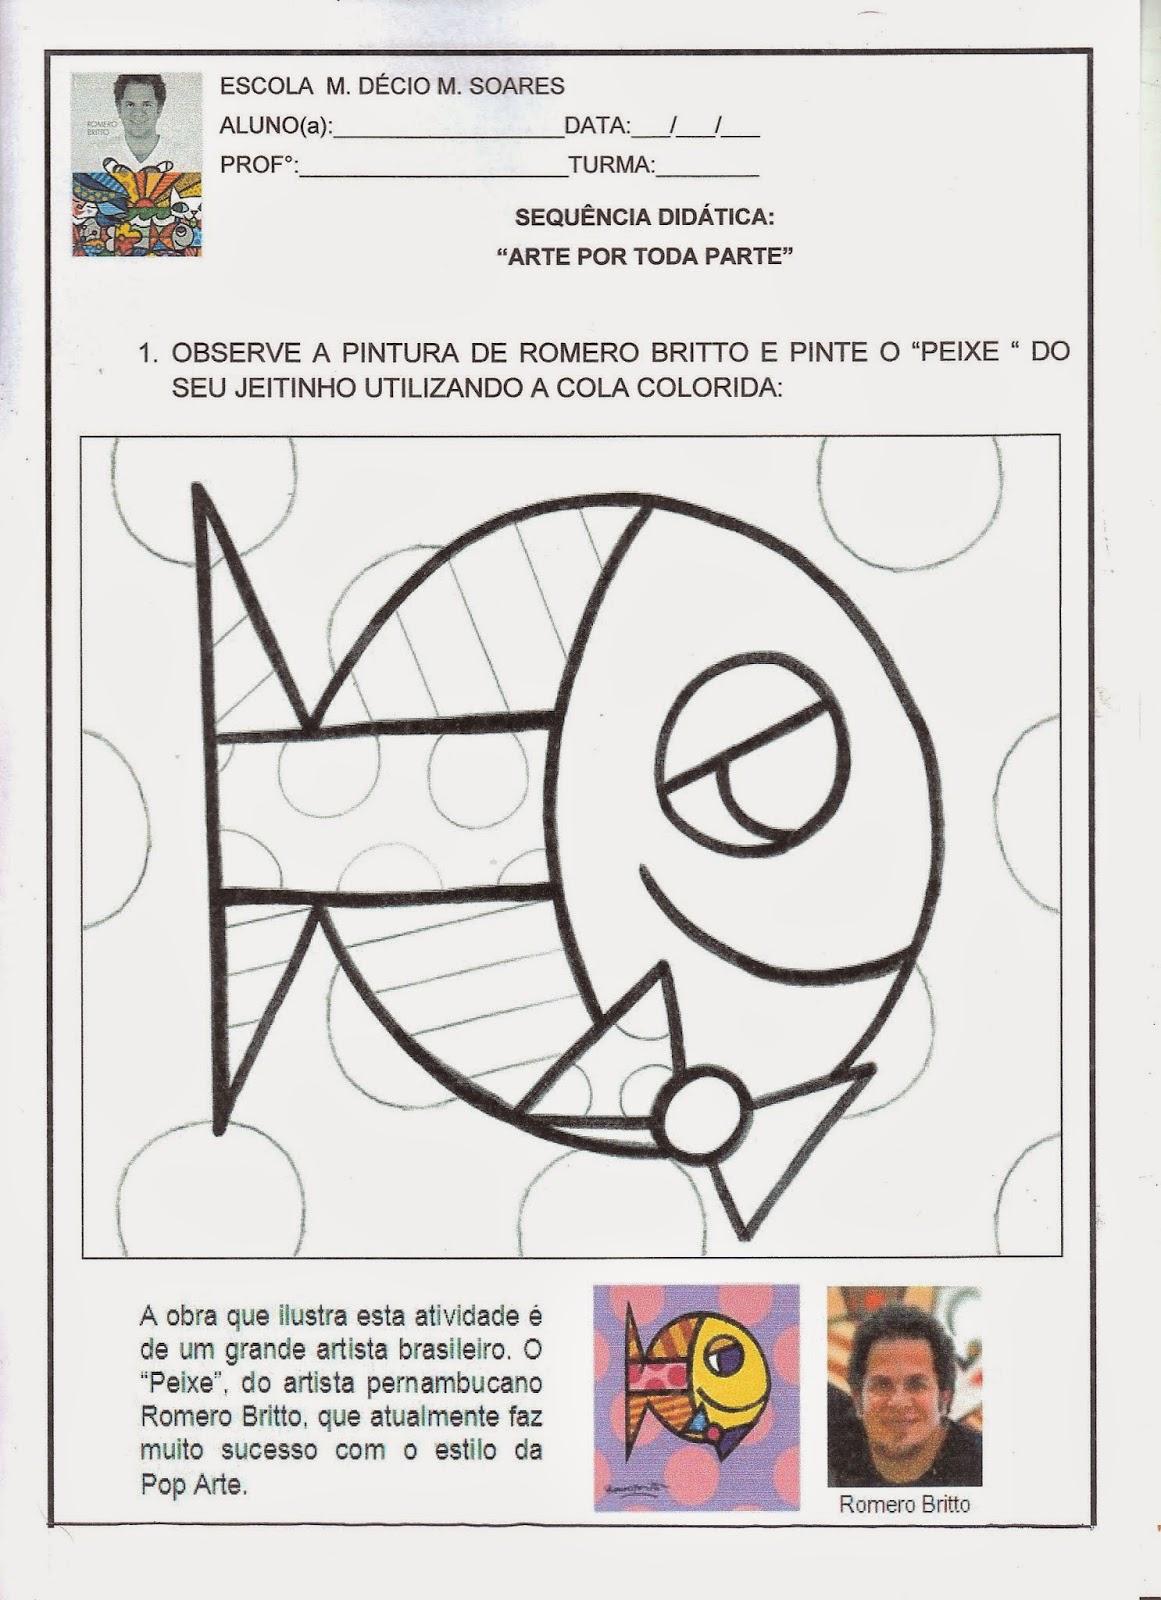 imagens para colorir sobre plano de aula